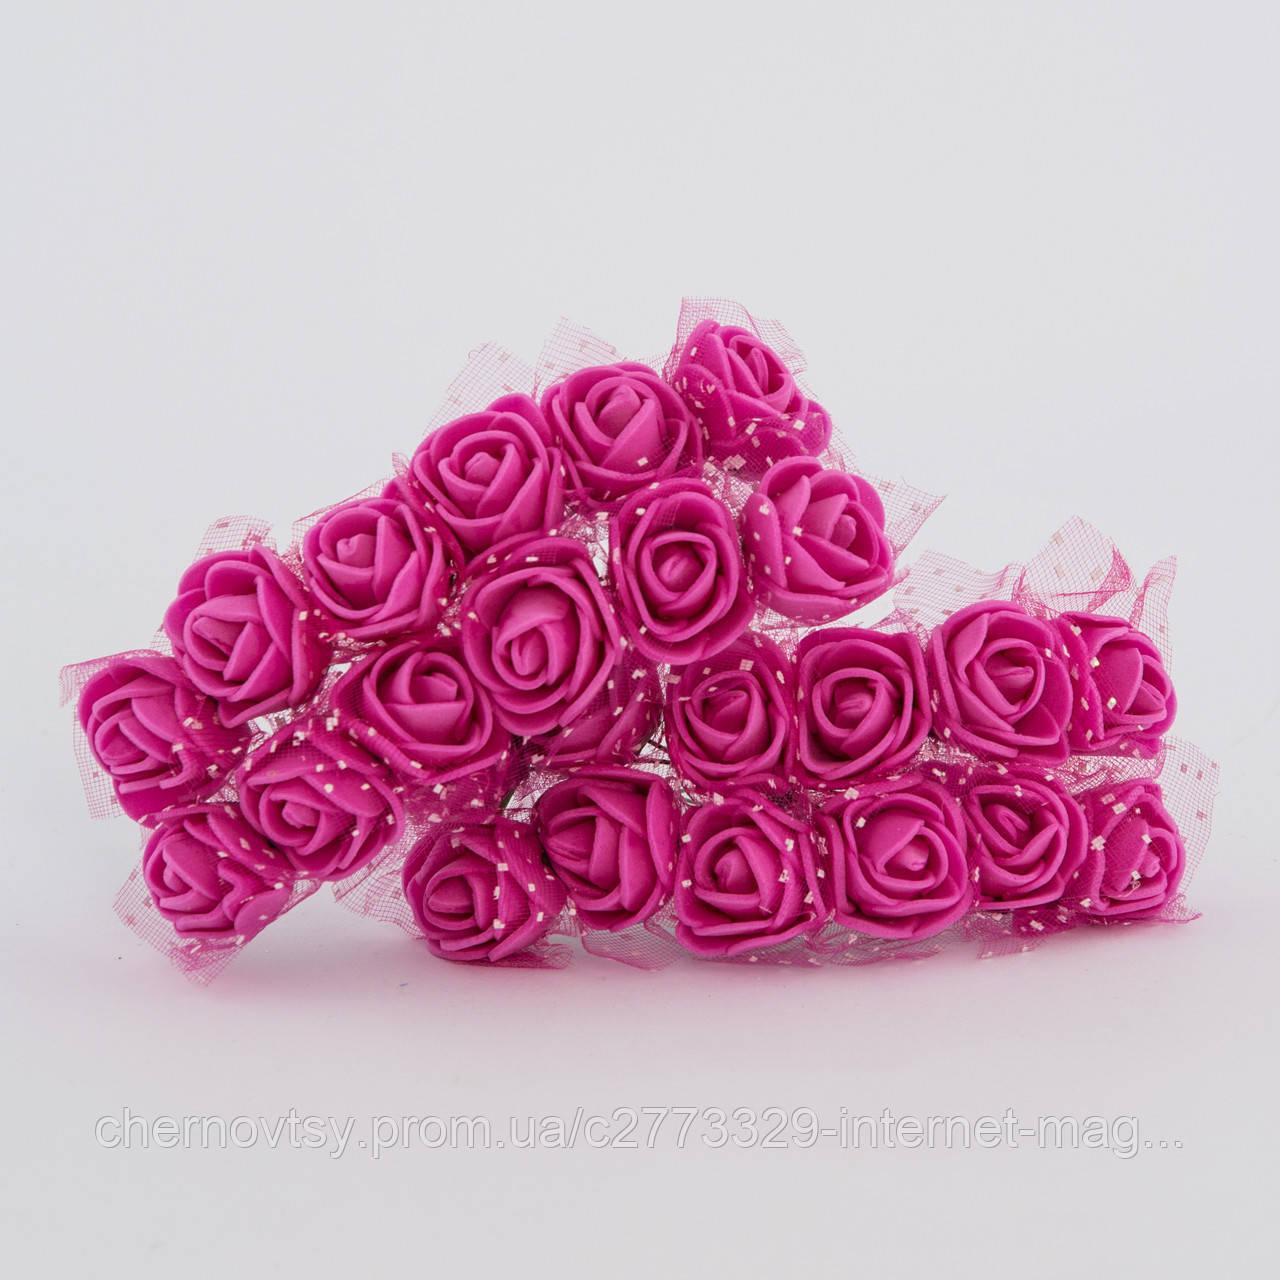 Розы из латекса с фатином 1.5 см, уп. 144 шт.